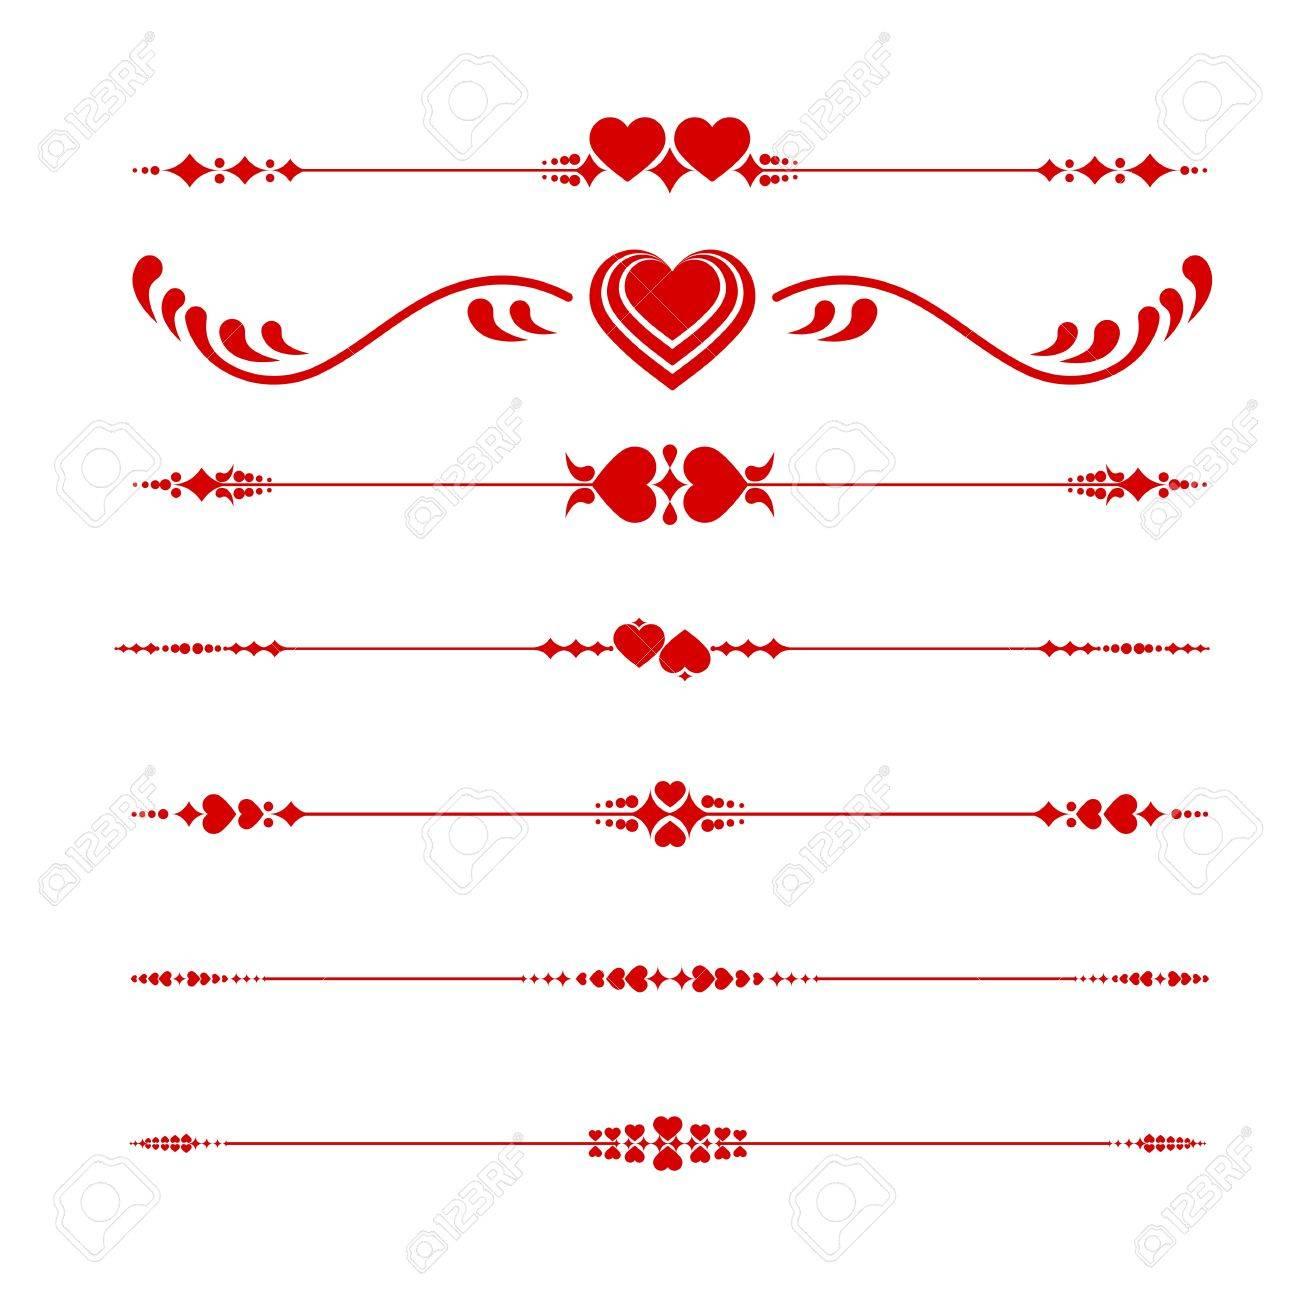 心とバレンタイン ライン装飾 ロイヤリティフリークリップアート